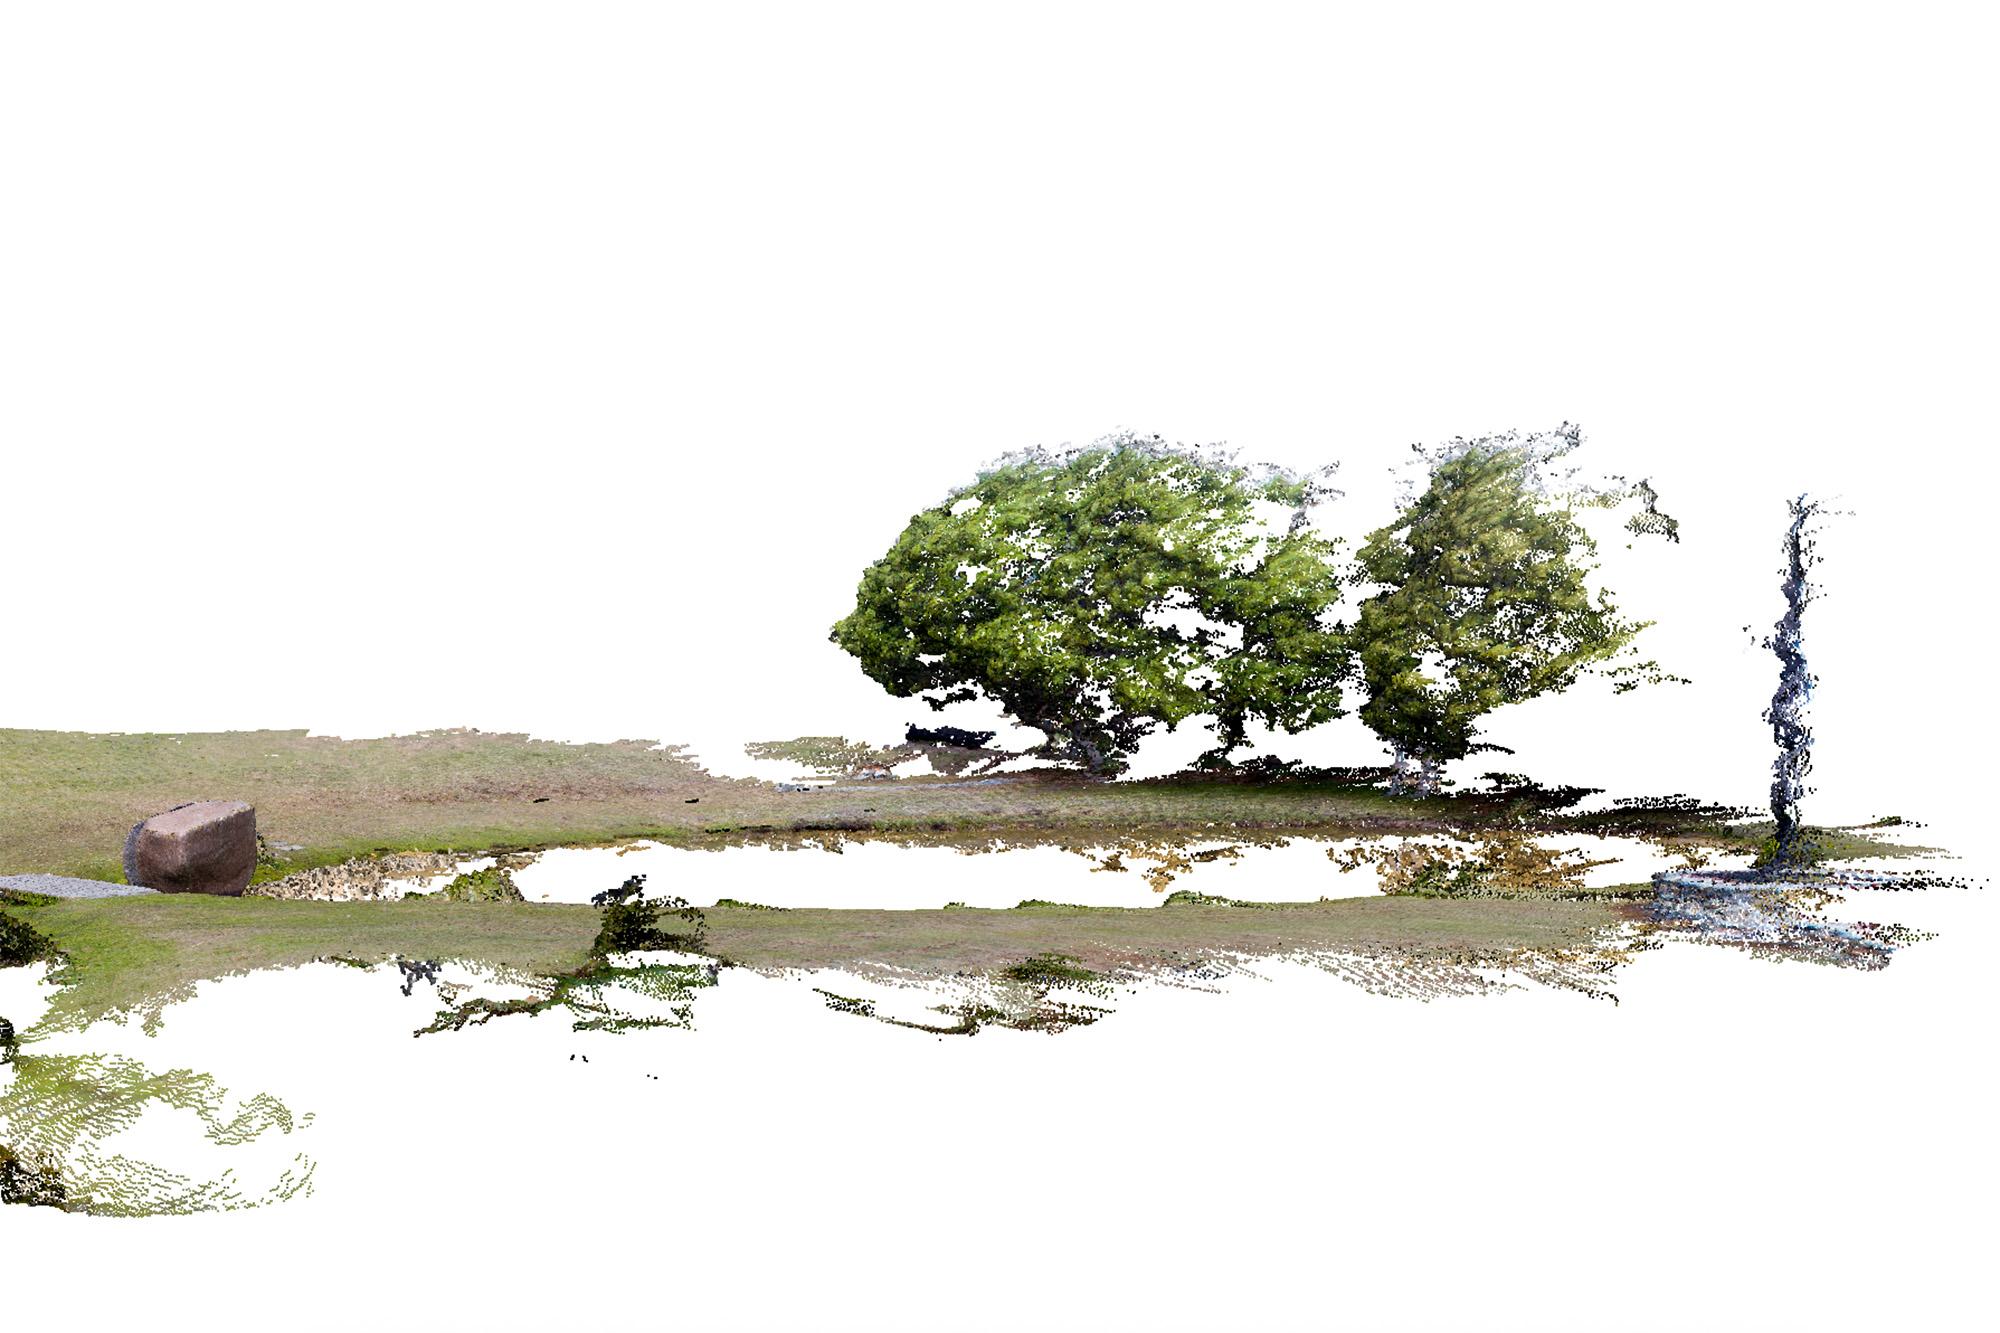 Point Cloud Series, Split Rock and Trees, Windgrove, Tasmania